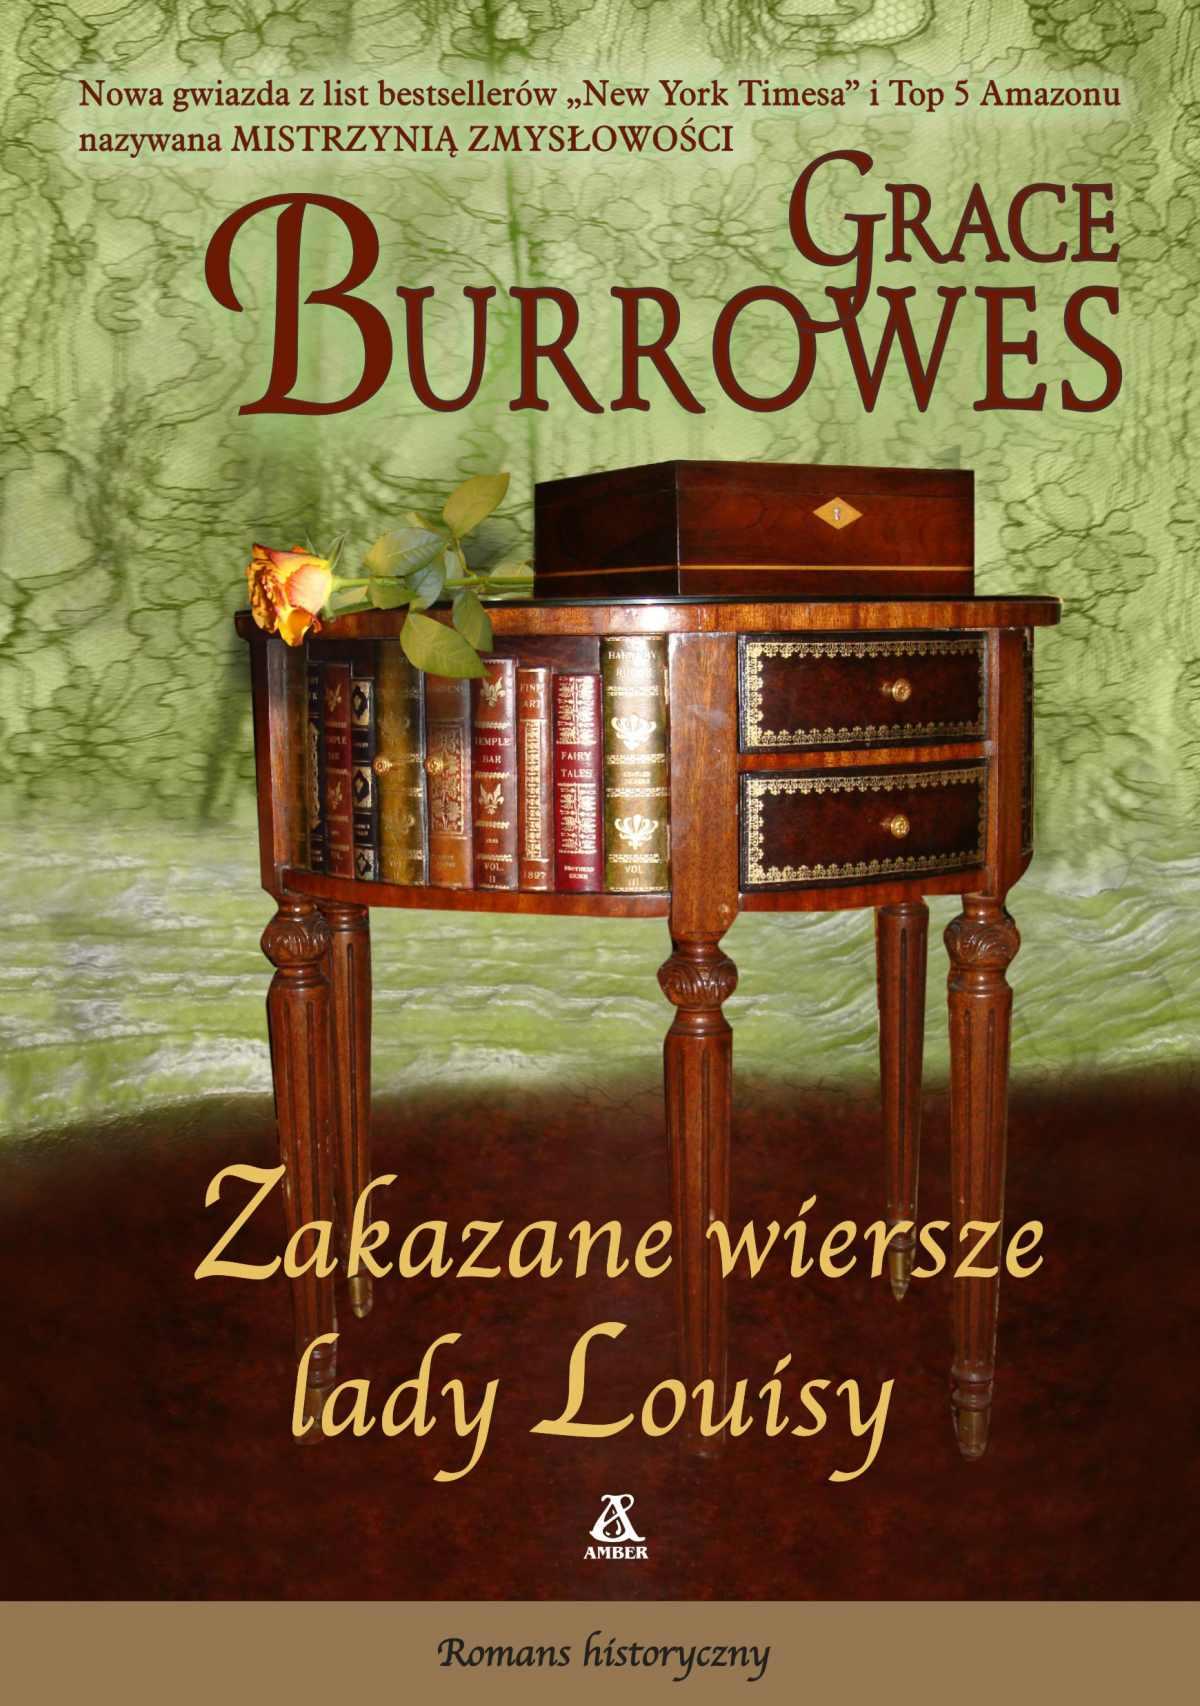 Zakazane wiersze lady Louisy - Tylko w Legimi możesz przeczytać ten tytuł przez 7 dni za darmo. - Grace Burrowes